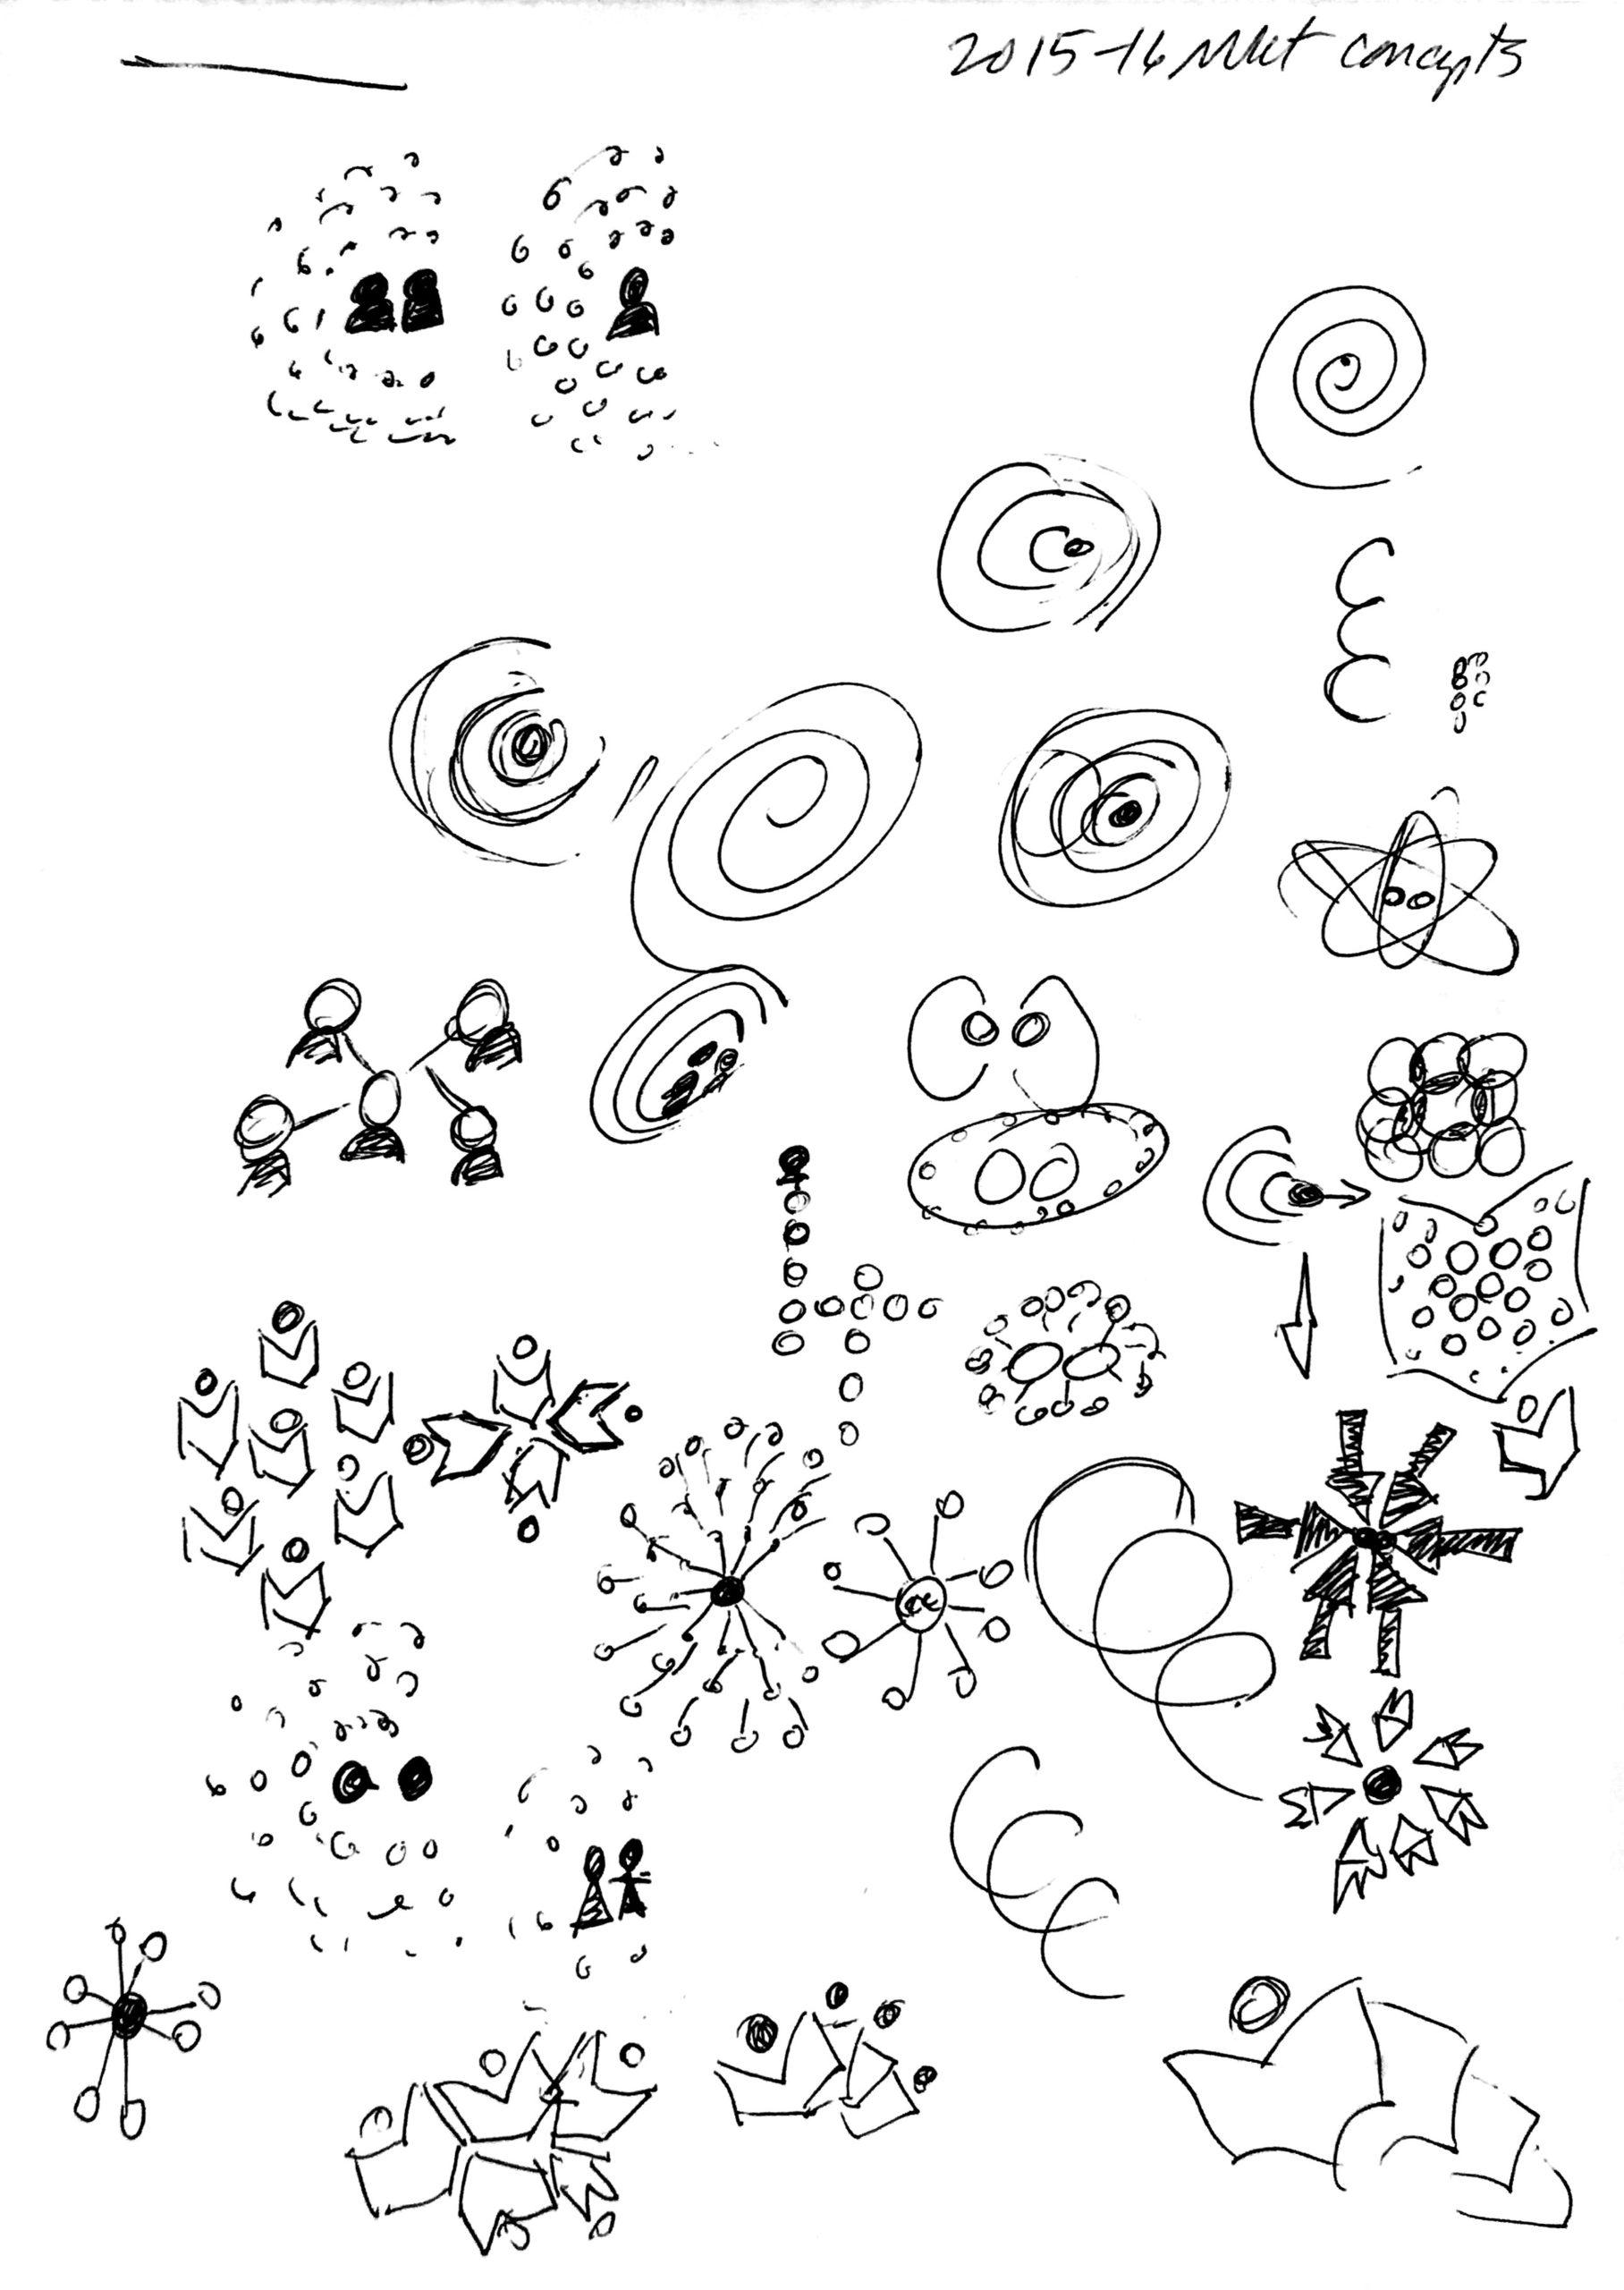 Collaborative Classroom logo sketches